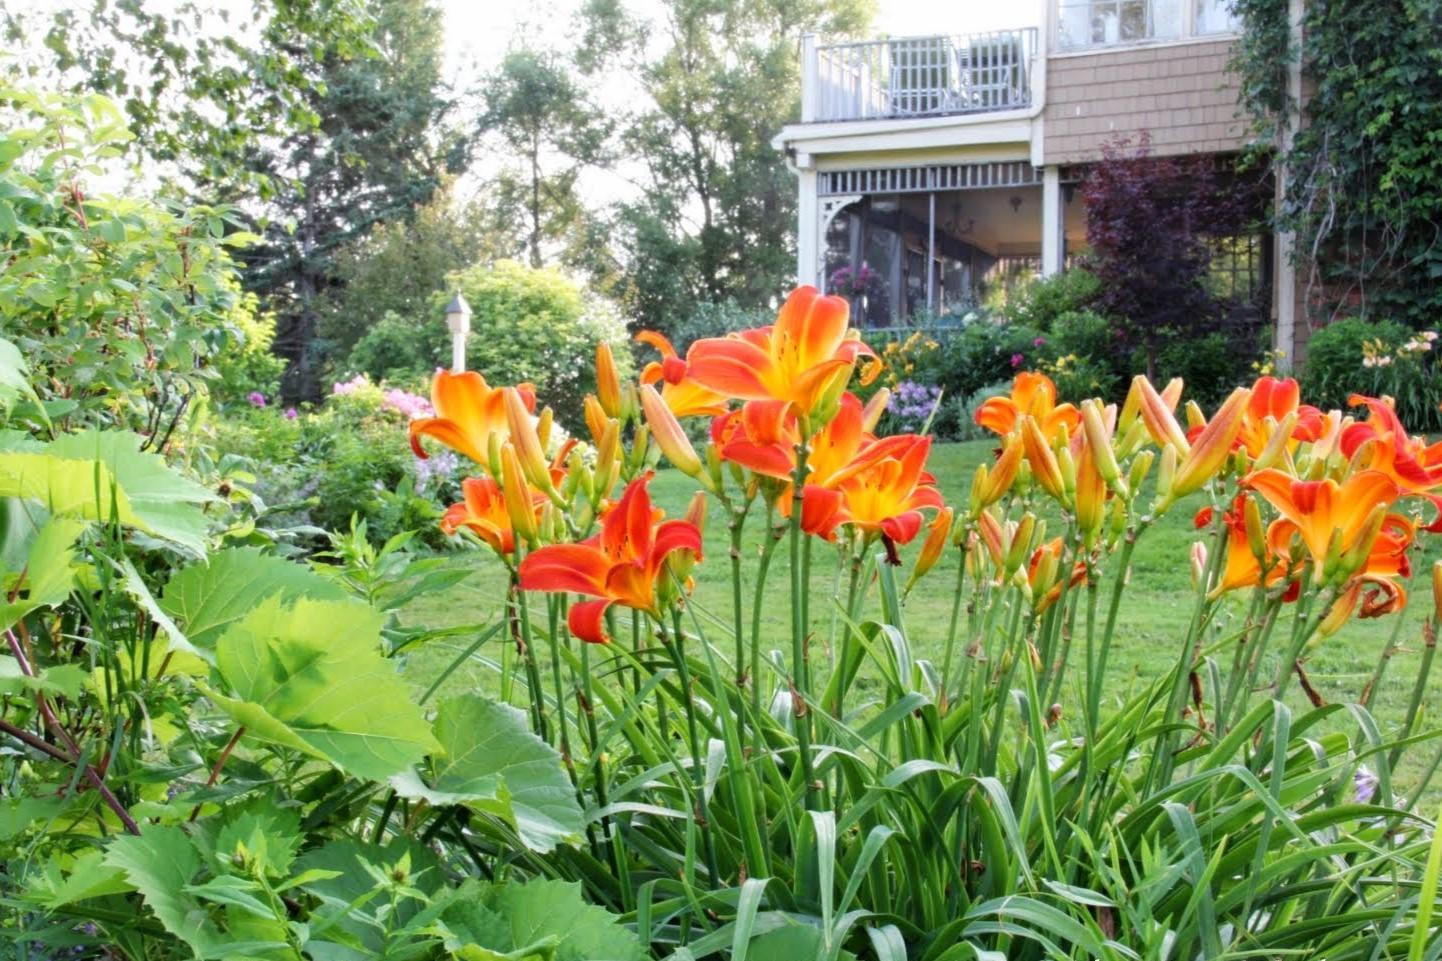 Záhrada,ktorá ťa nikdy neomrzí...divoká a krásna - Obrázok č. 50